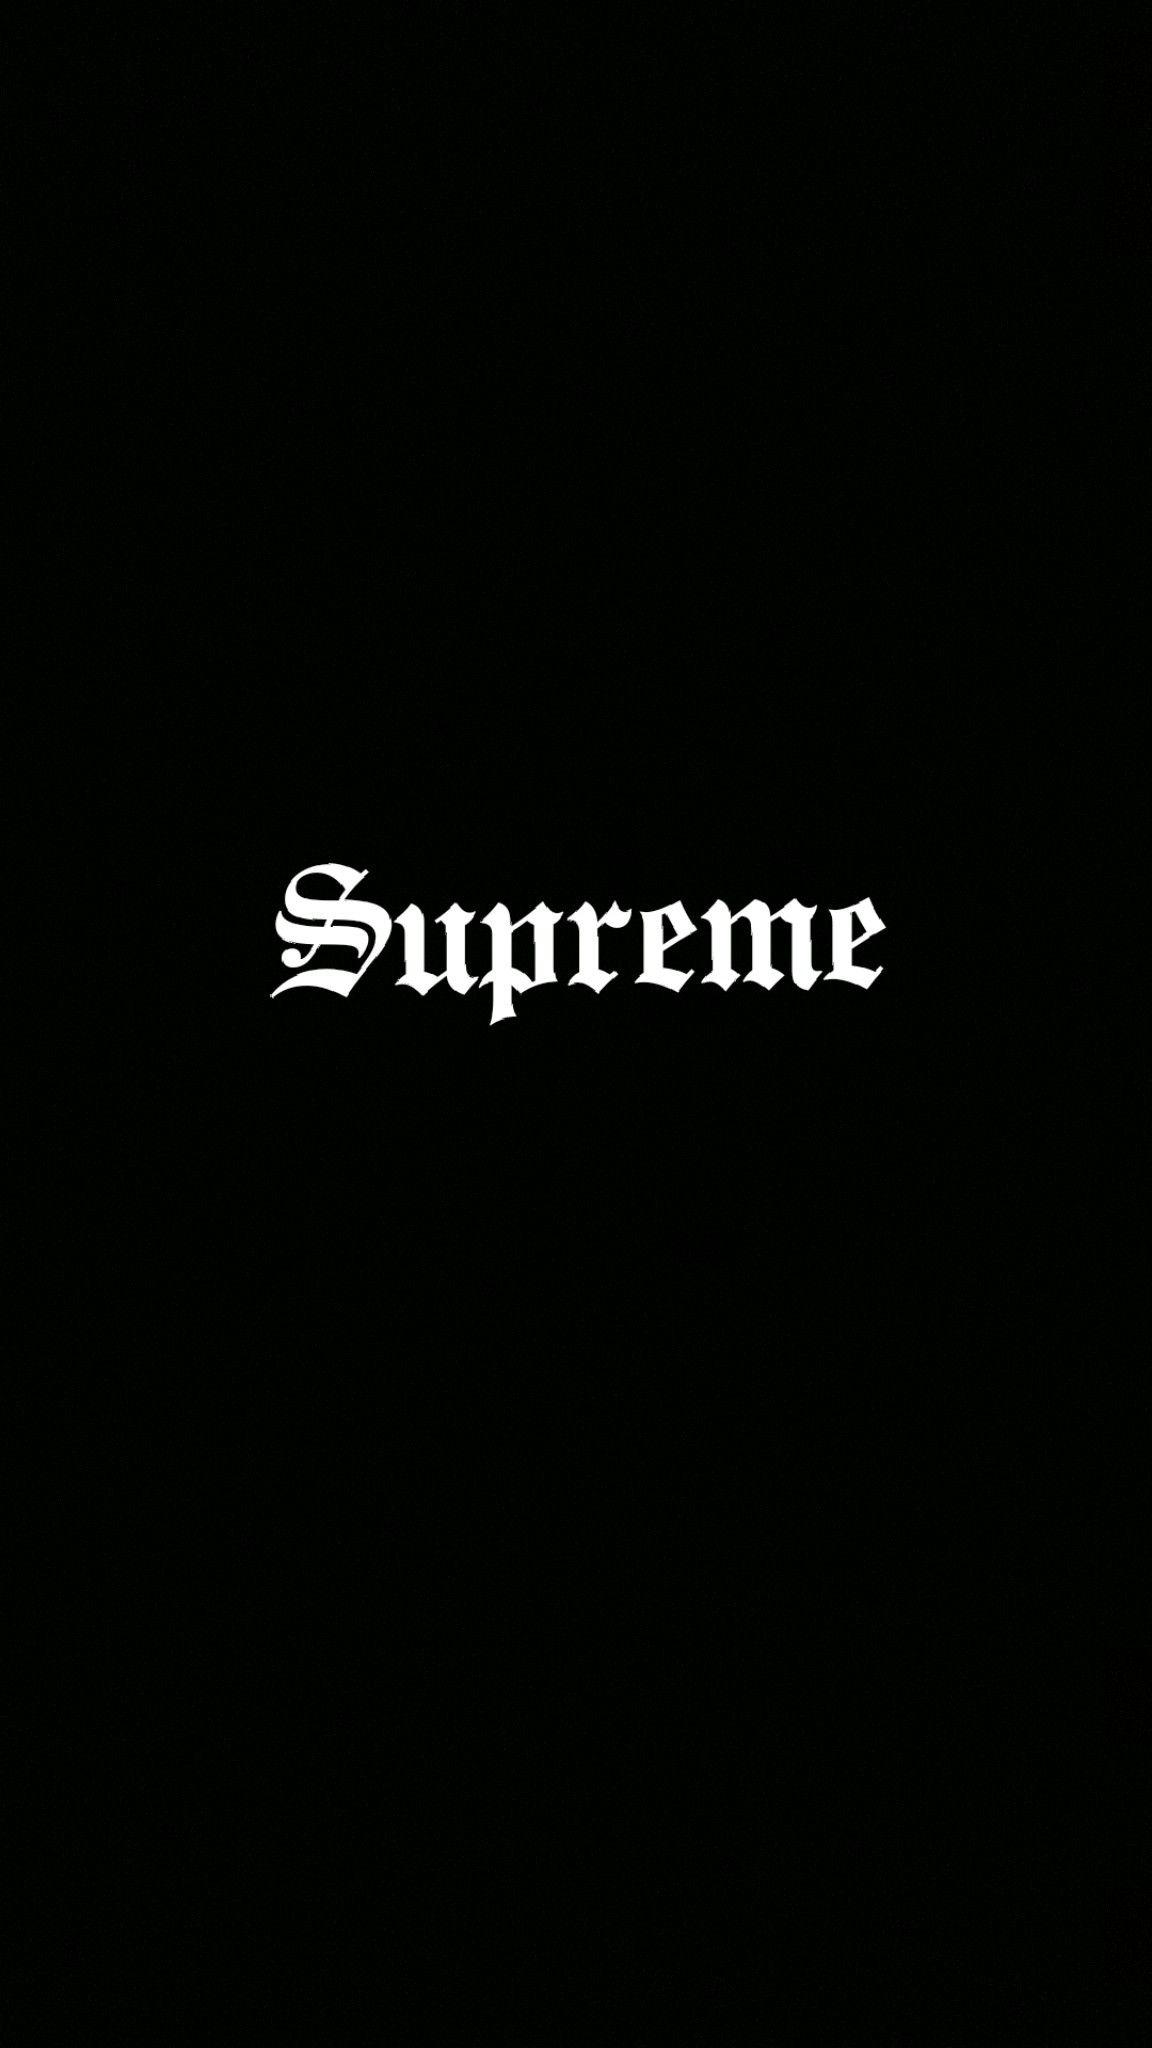 Pin De Lana Viera Em Supreme Supreme Wallpaper Hypebeast